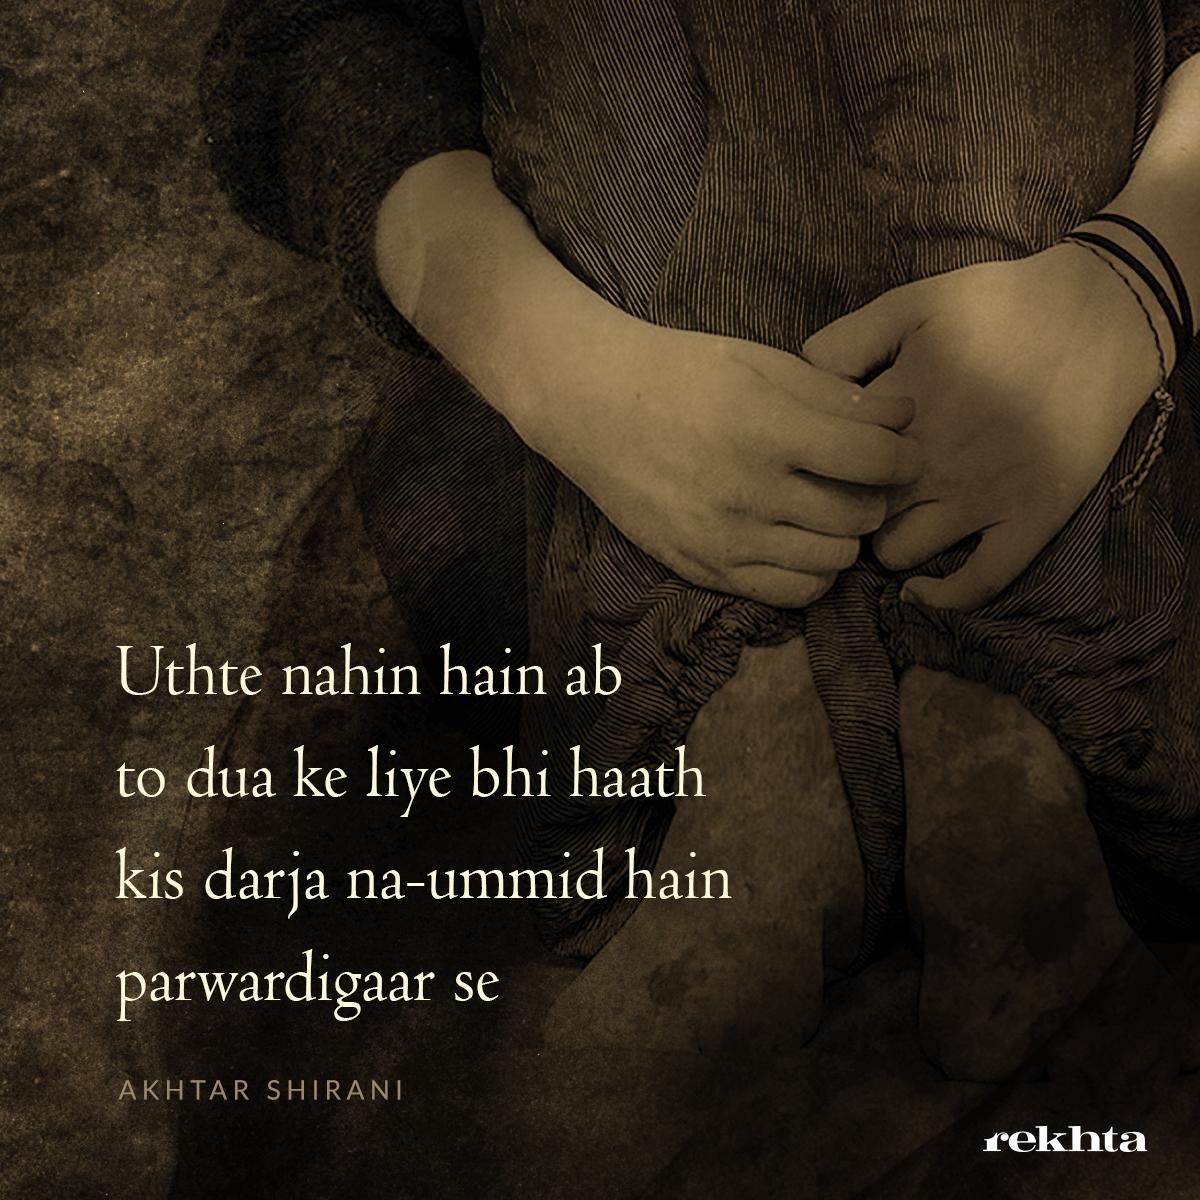 اٹھتے نہیں ہیں اب تو دعا کے لیے بھی ہاتھ (ردیف .. ے) -اختر شیرانی